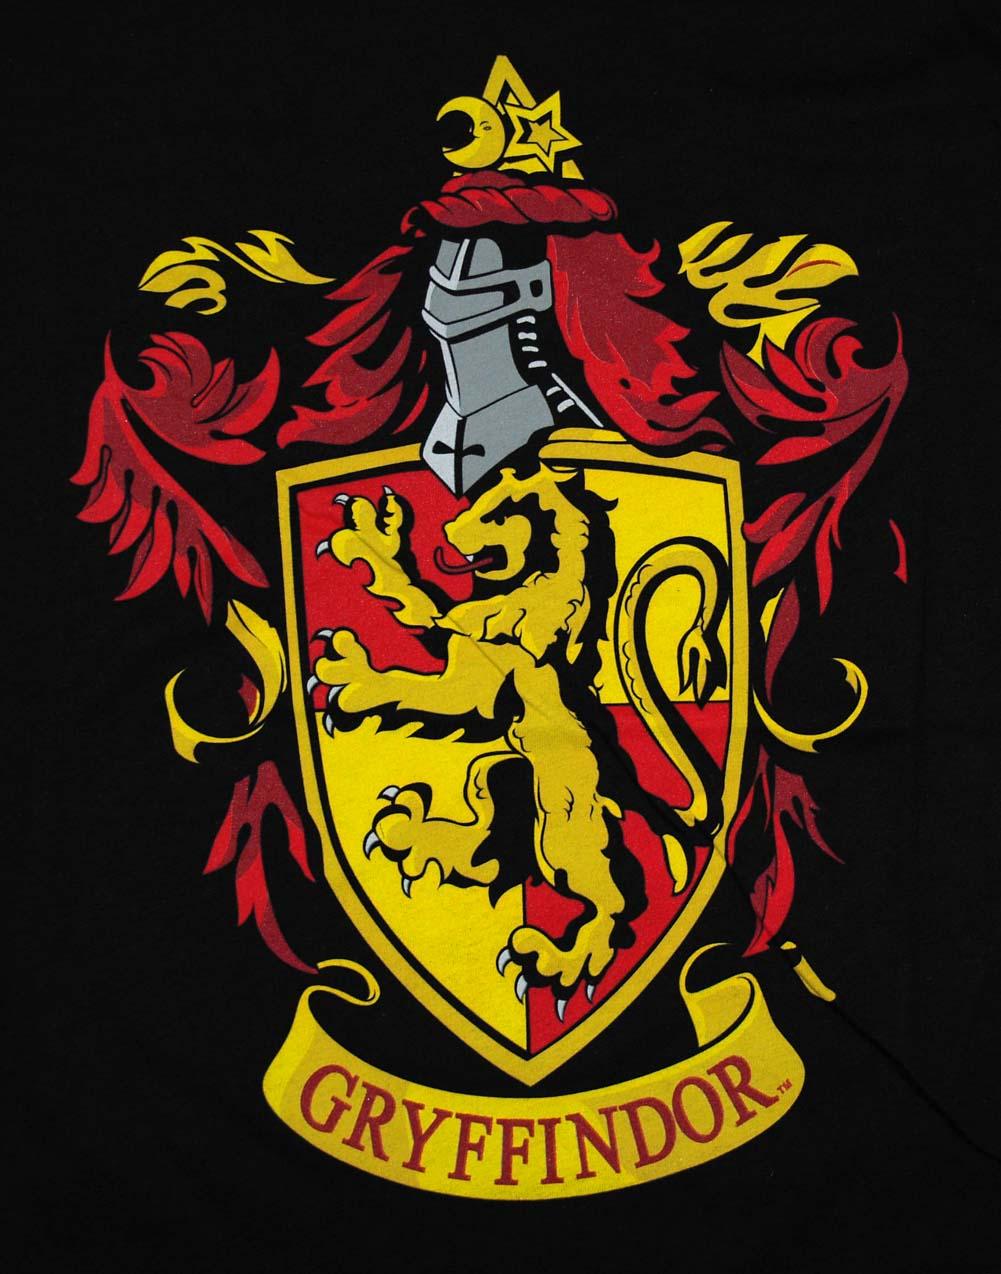 Harry Potter Hogwarts Crest Wallpaper Gryffindor Icon Harry Potter Gryffindor Crest 1001x1274 Download Hd Wallpaper Wallpapertip